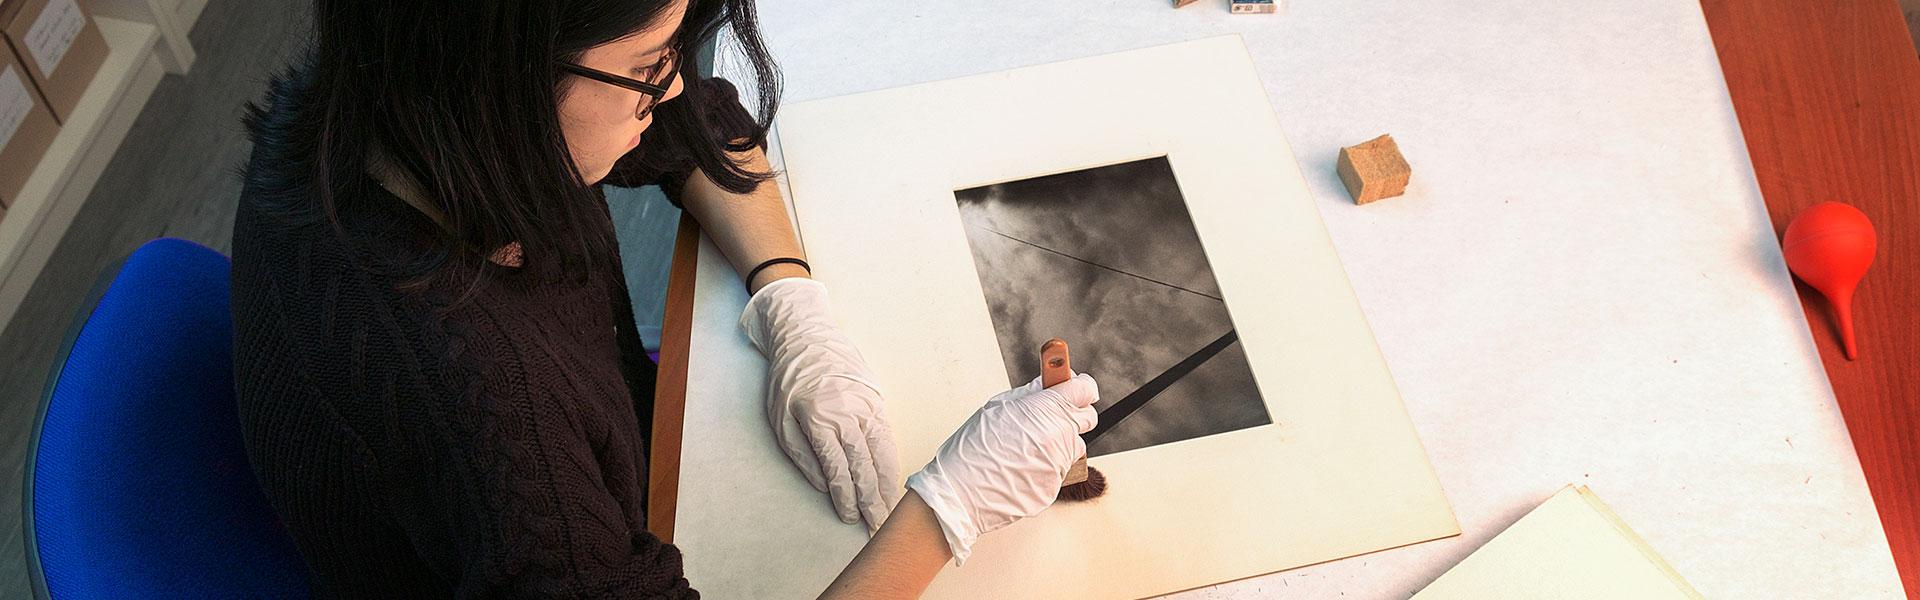 Pràctiques de restauració a la Fototeca de l